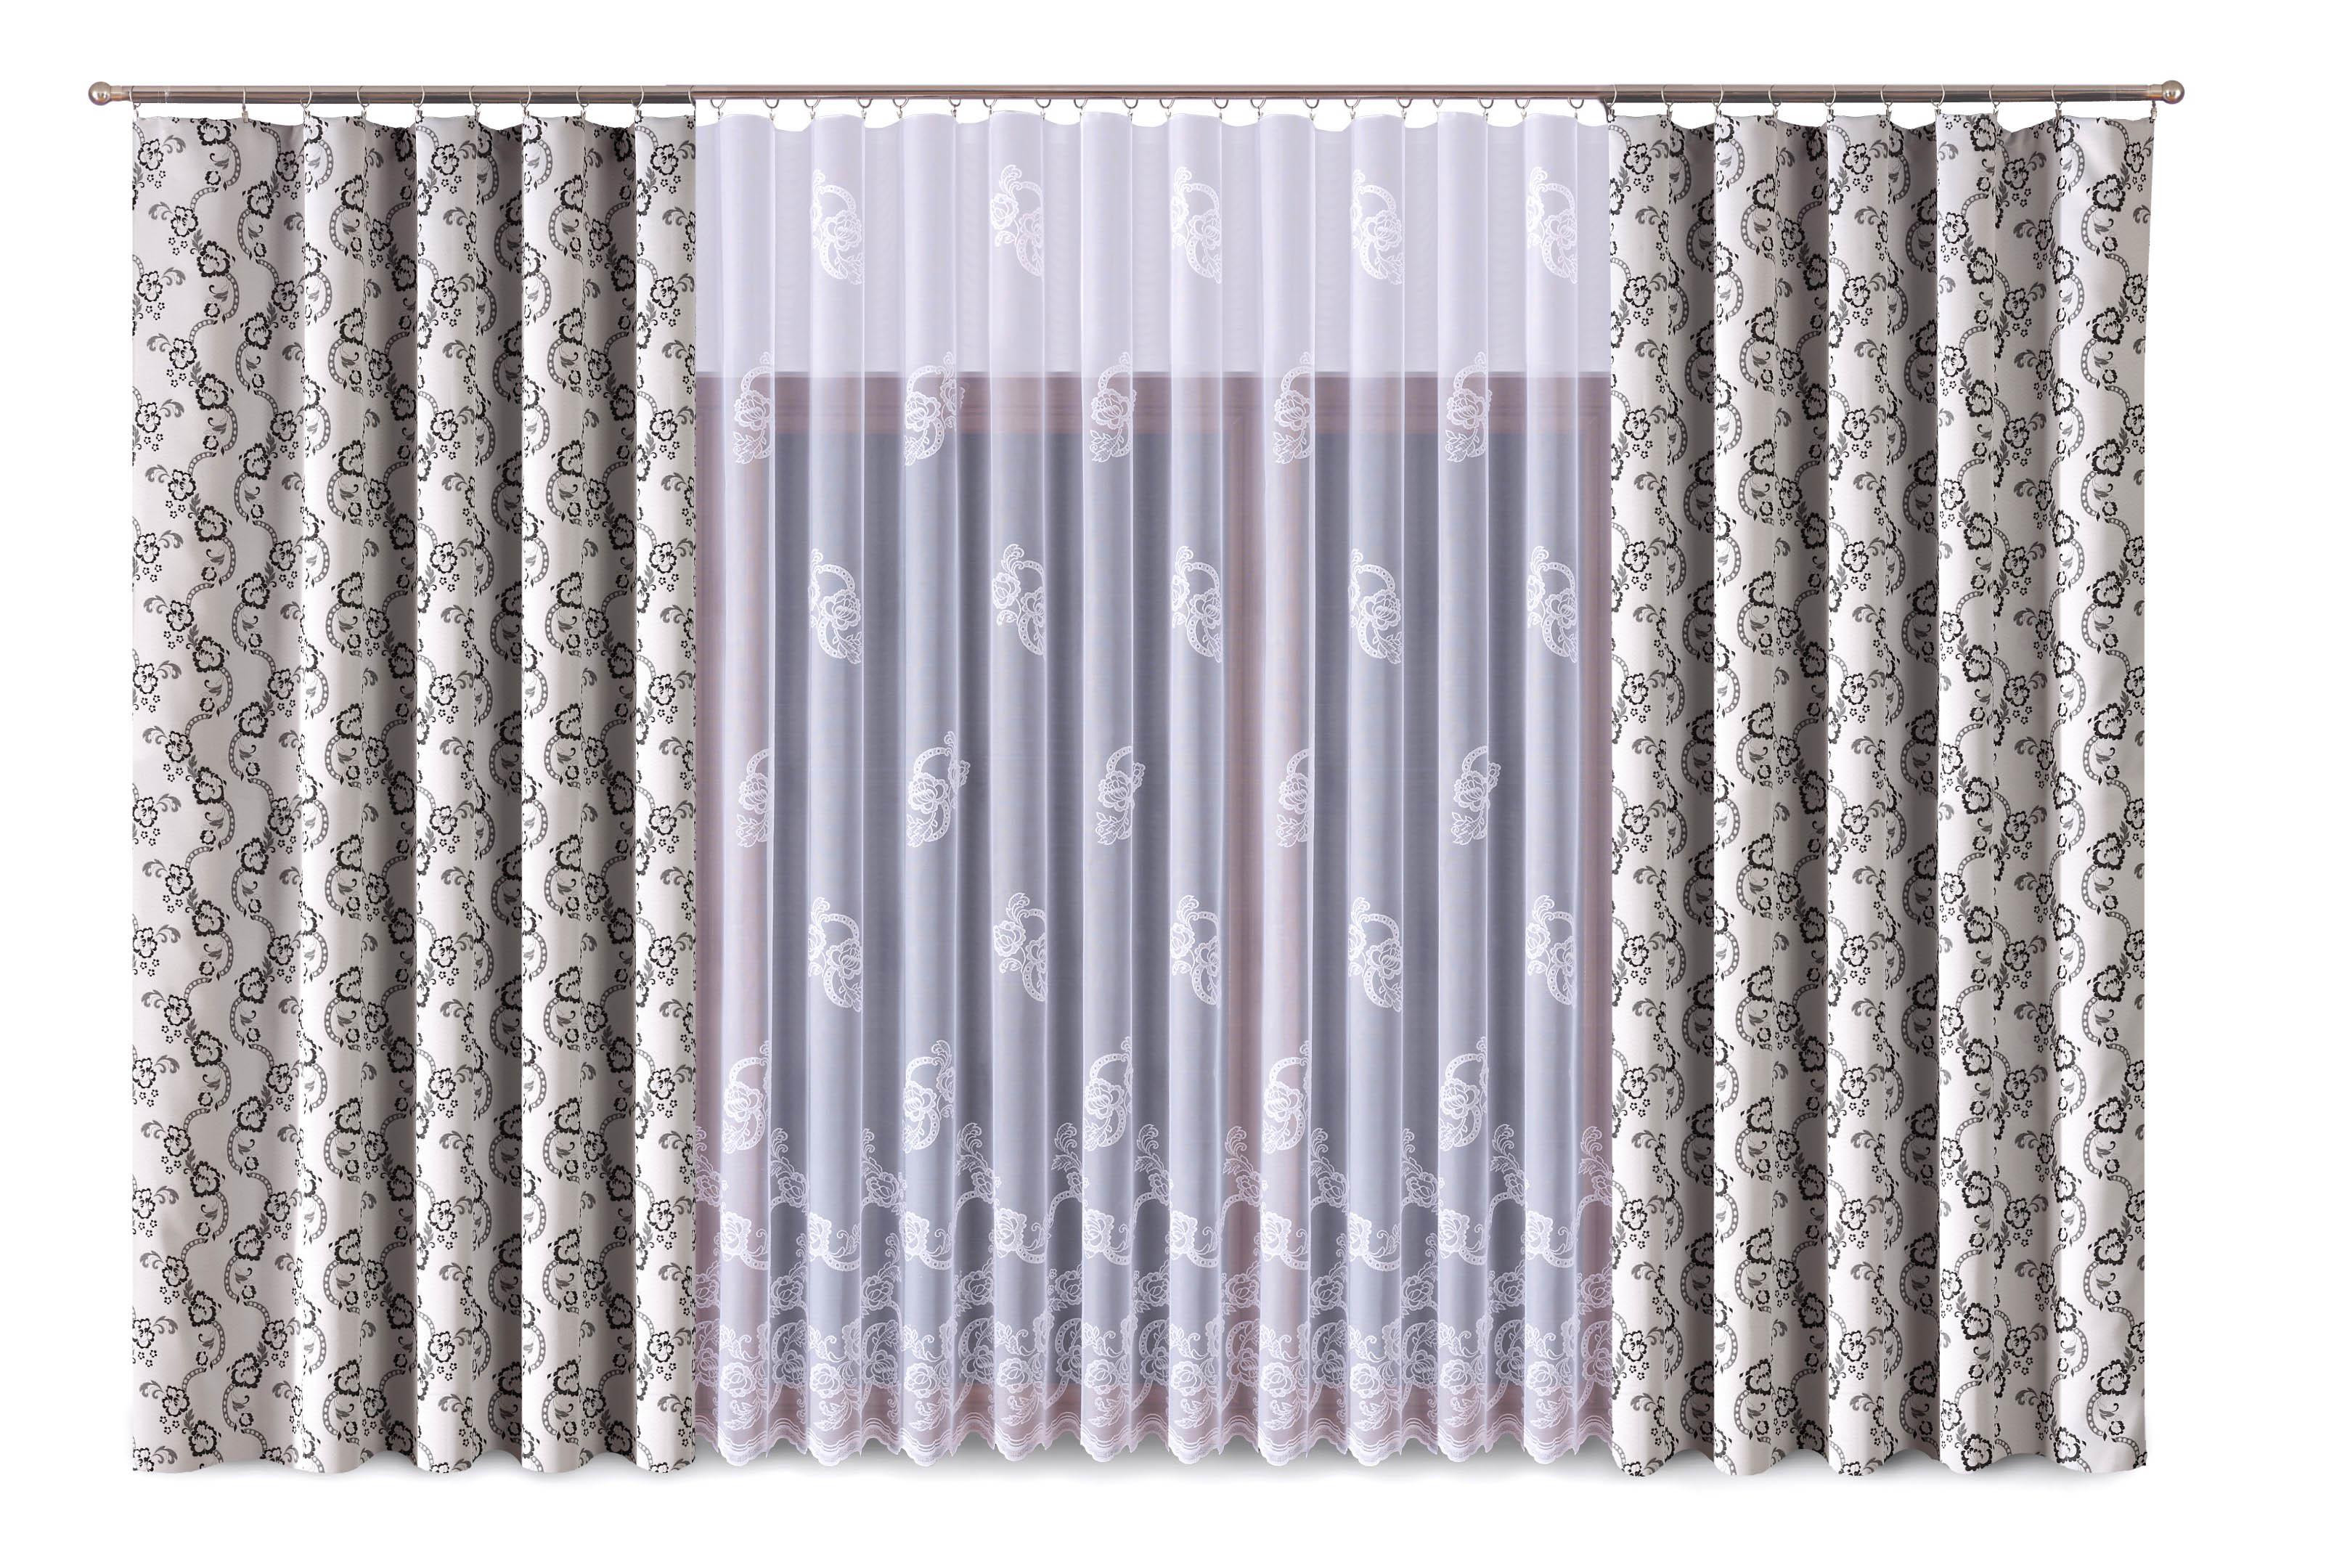 Шторы Primavera Классические шторы Zechariah Цвет: Серый-Белый шторы primavera классические шторы tilly цвет серый